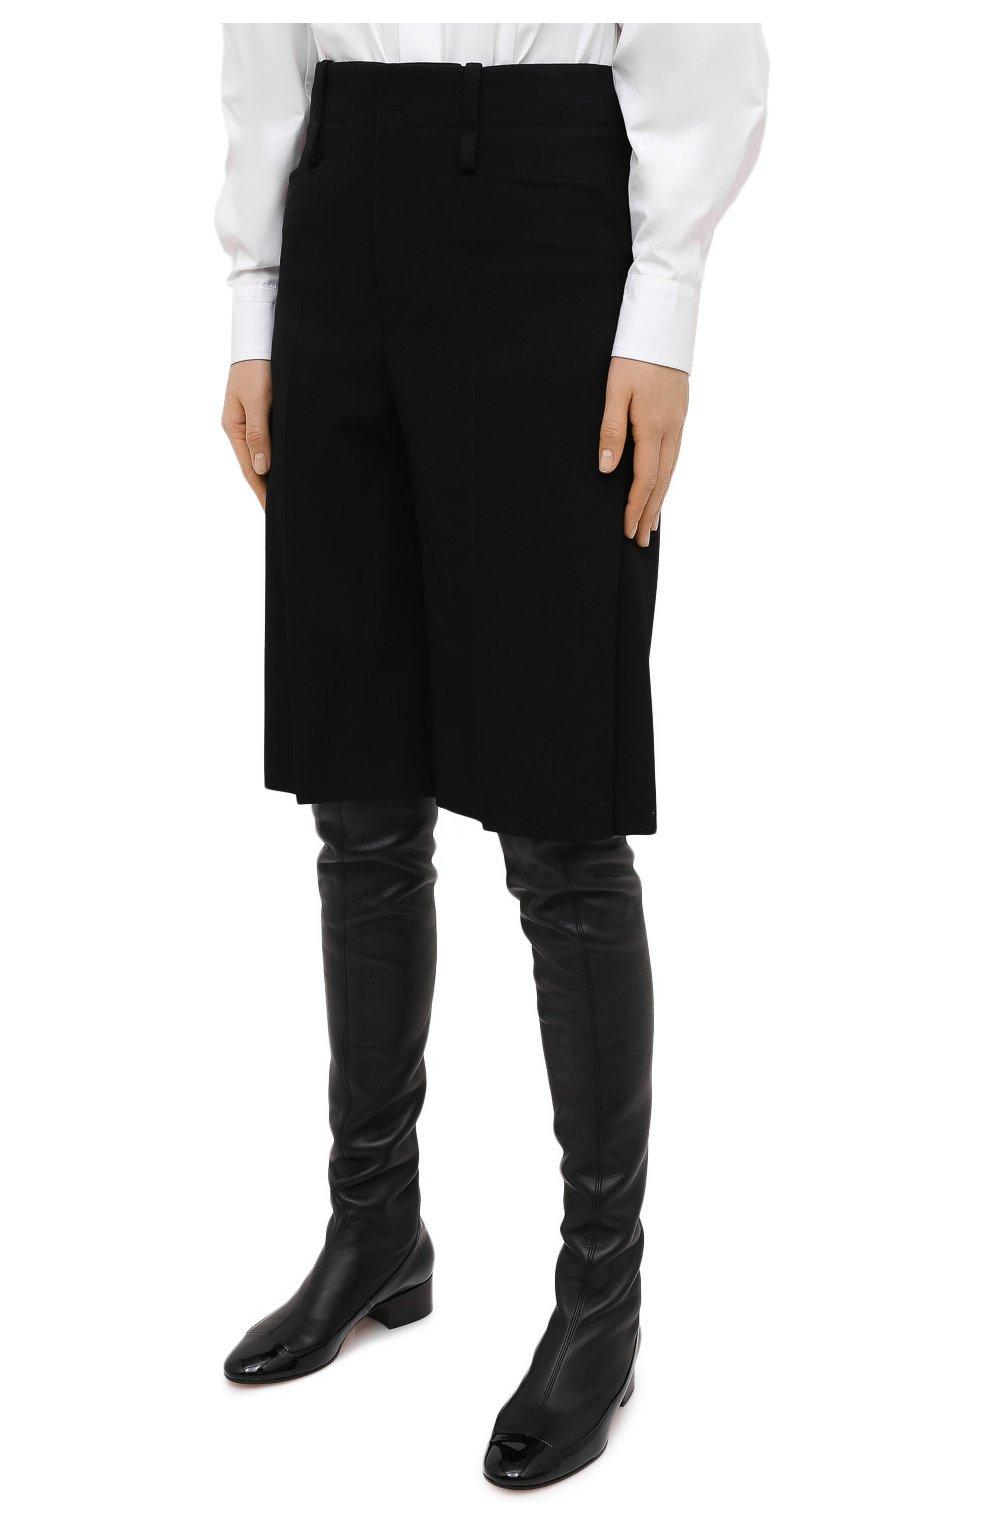 Женские шерстяные шорты CHLOÉ черного цвета, арт. CHC20WSH01066 | Фото 3 (Женское Кросс-КТ: Шорты-одежда; Материал внешний: Шерсть; Кросс-КТ: Широкие; Длина Ж (юбки, платья, шорты): До колена; Стили: Кэжуэл)